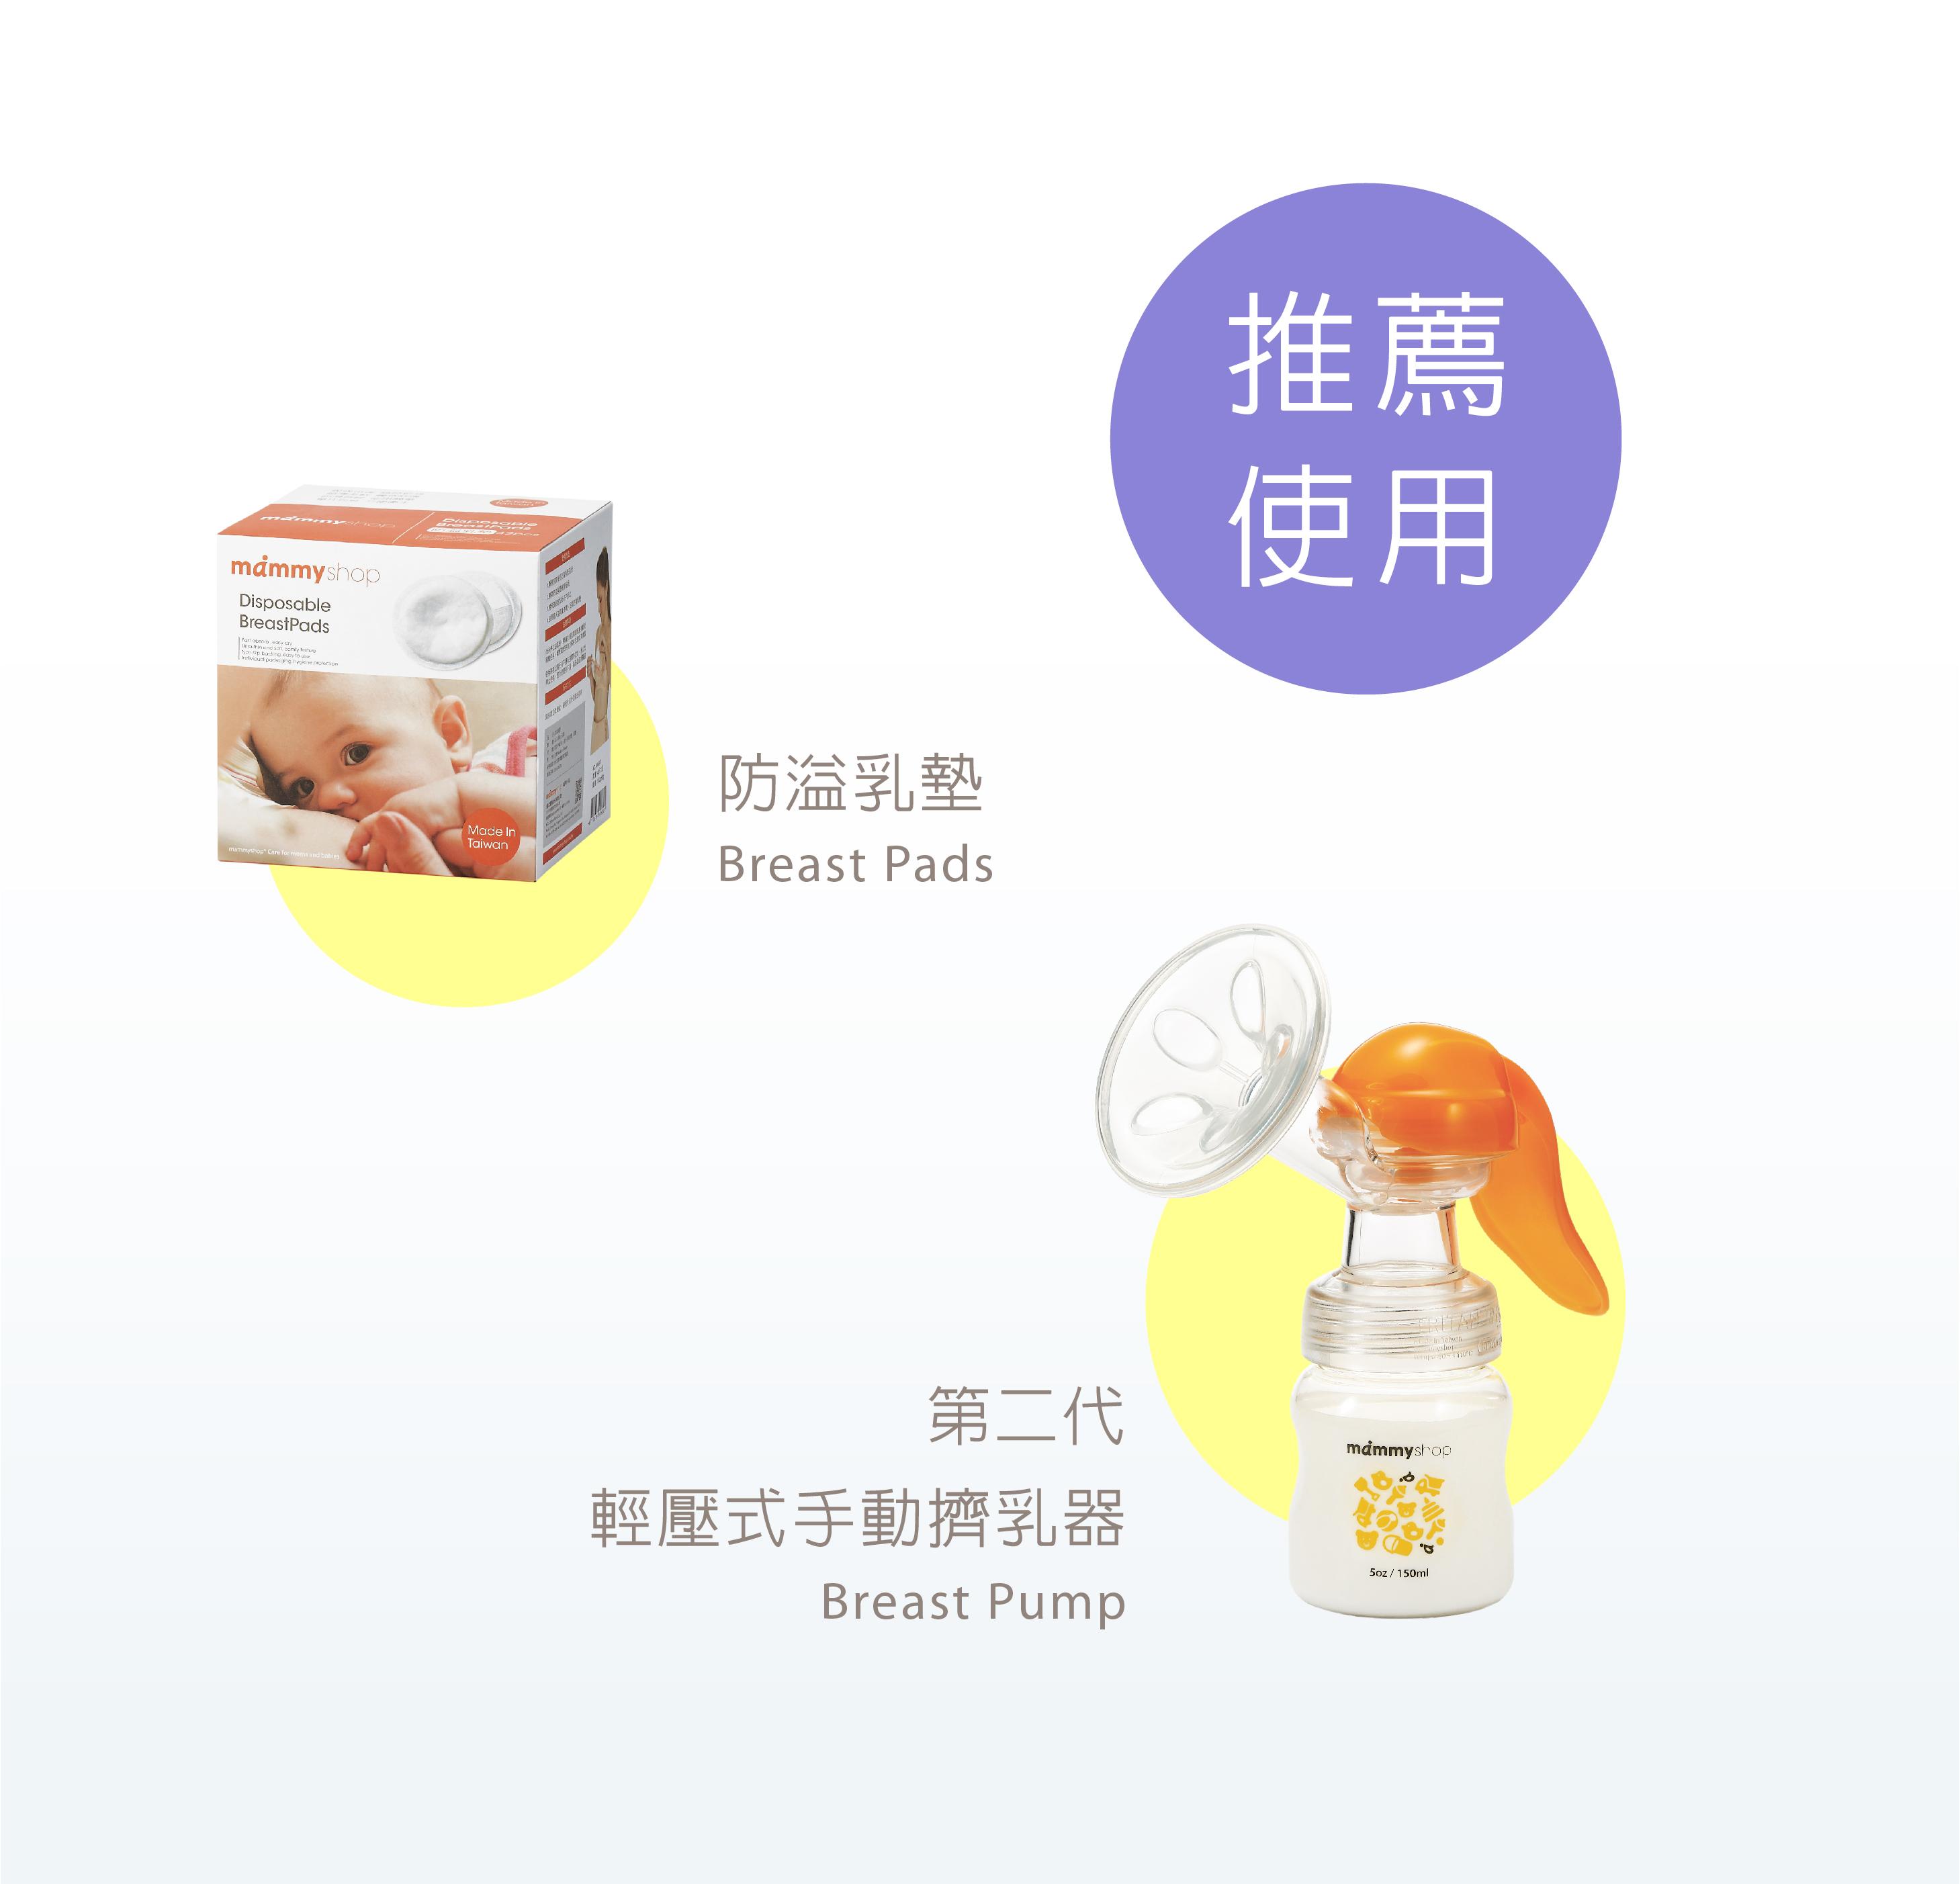 母感體驗-母乳儲存袋-250ml推薦使用